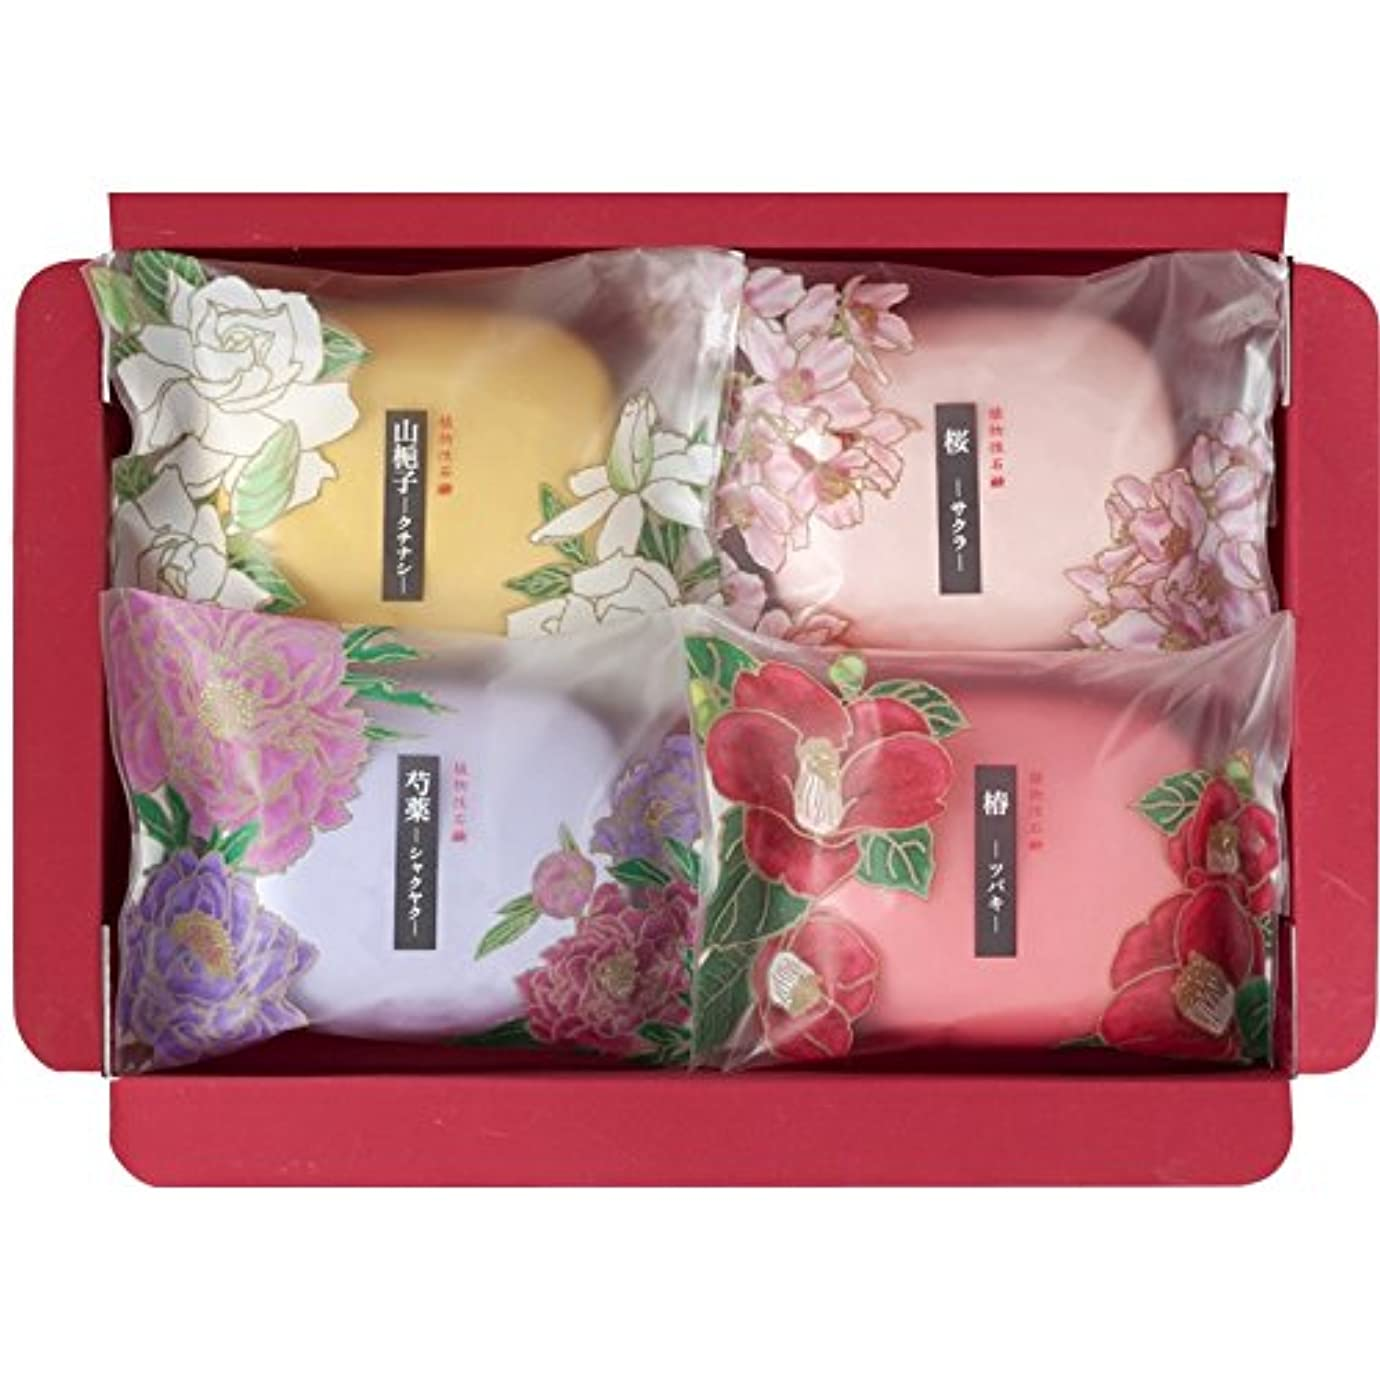 負荷負荷ブレス彩花だより SAK-05 【石けん 石鹸 うるおい いい香り 固形 詰め合わせ セット 良い香り 美容 個包装 肌に優しい 日本製】